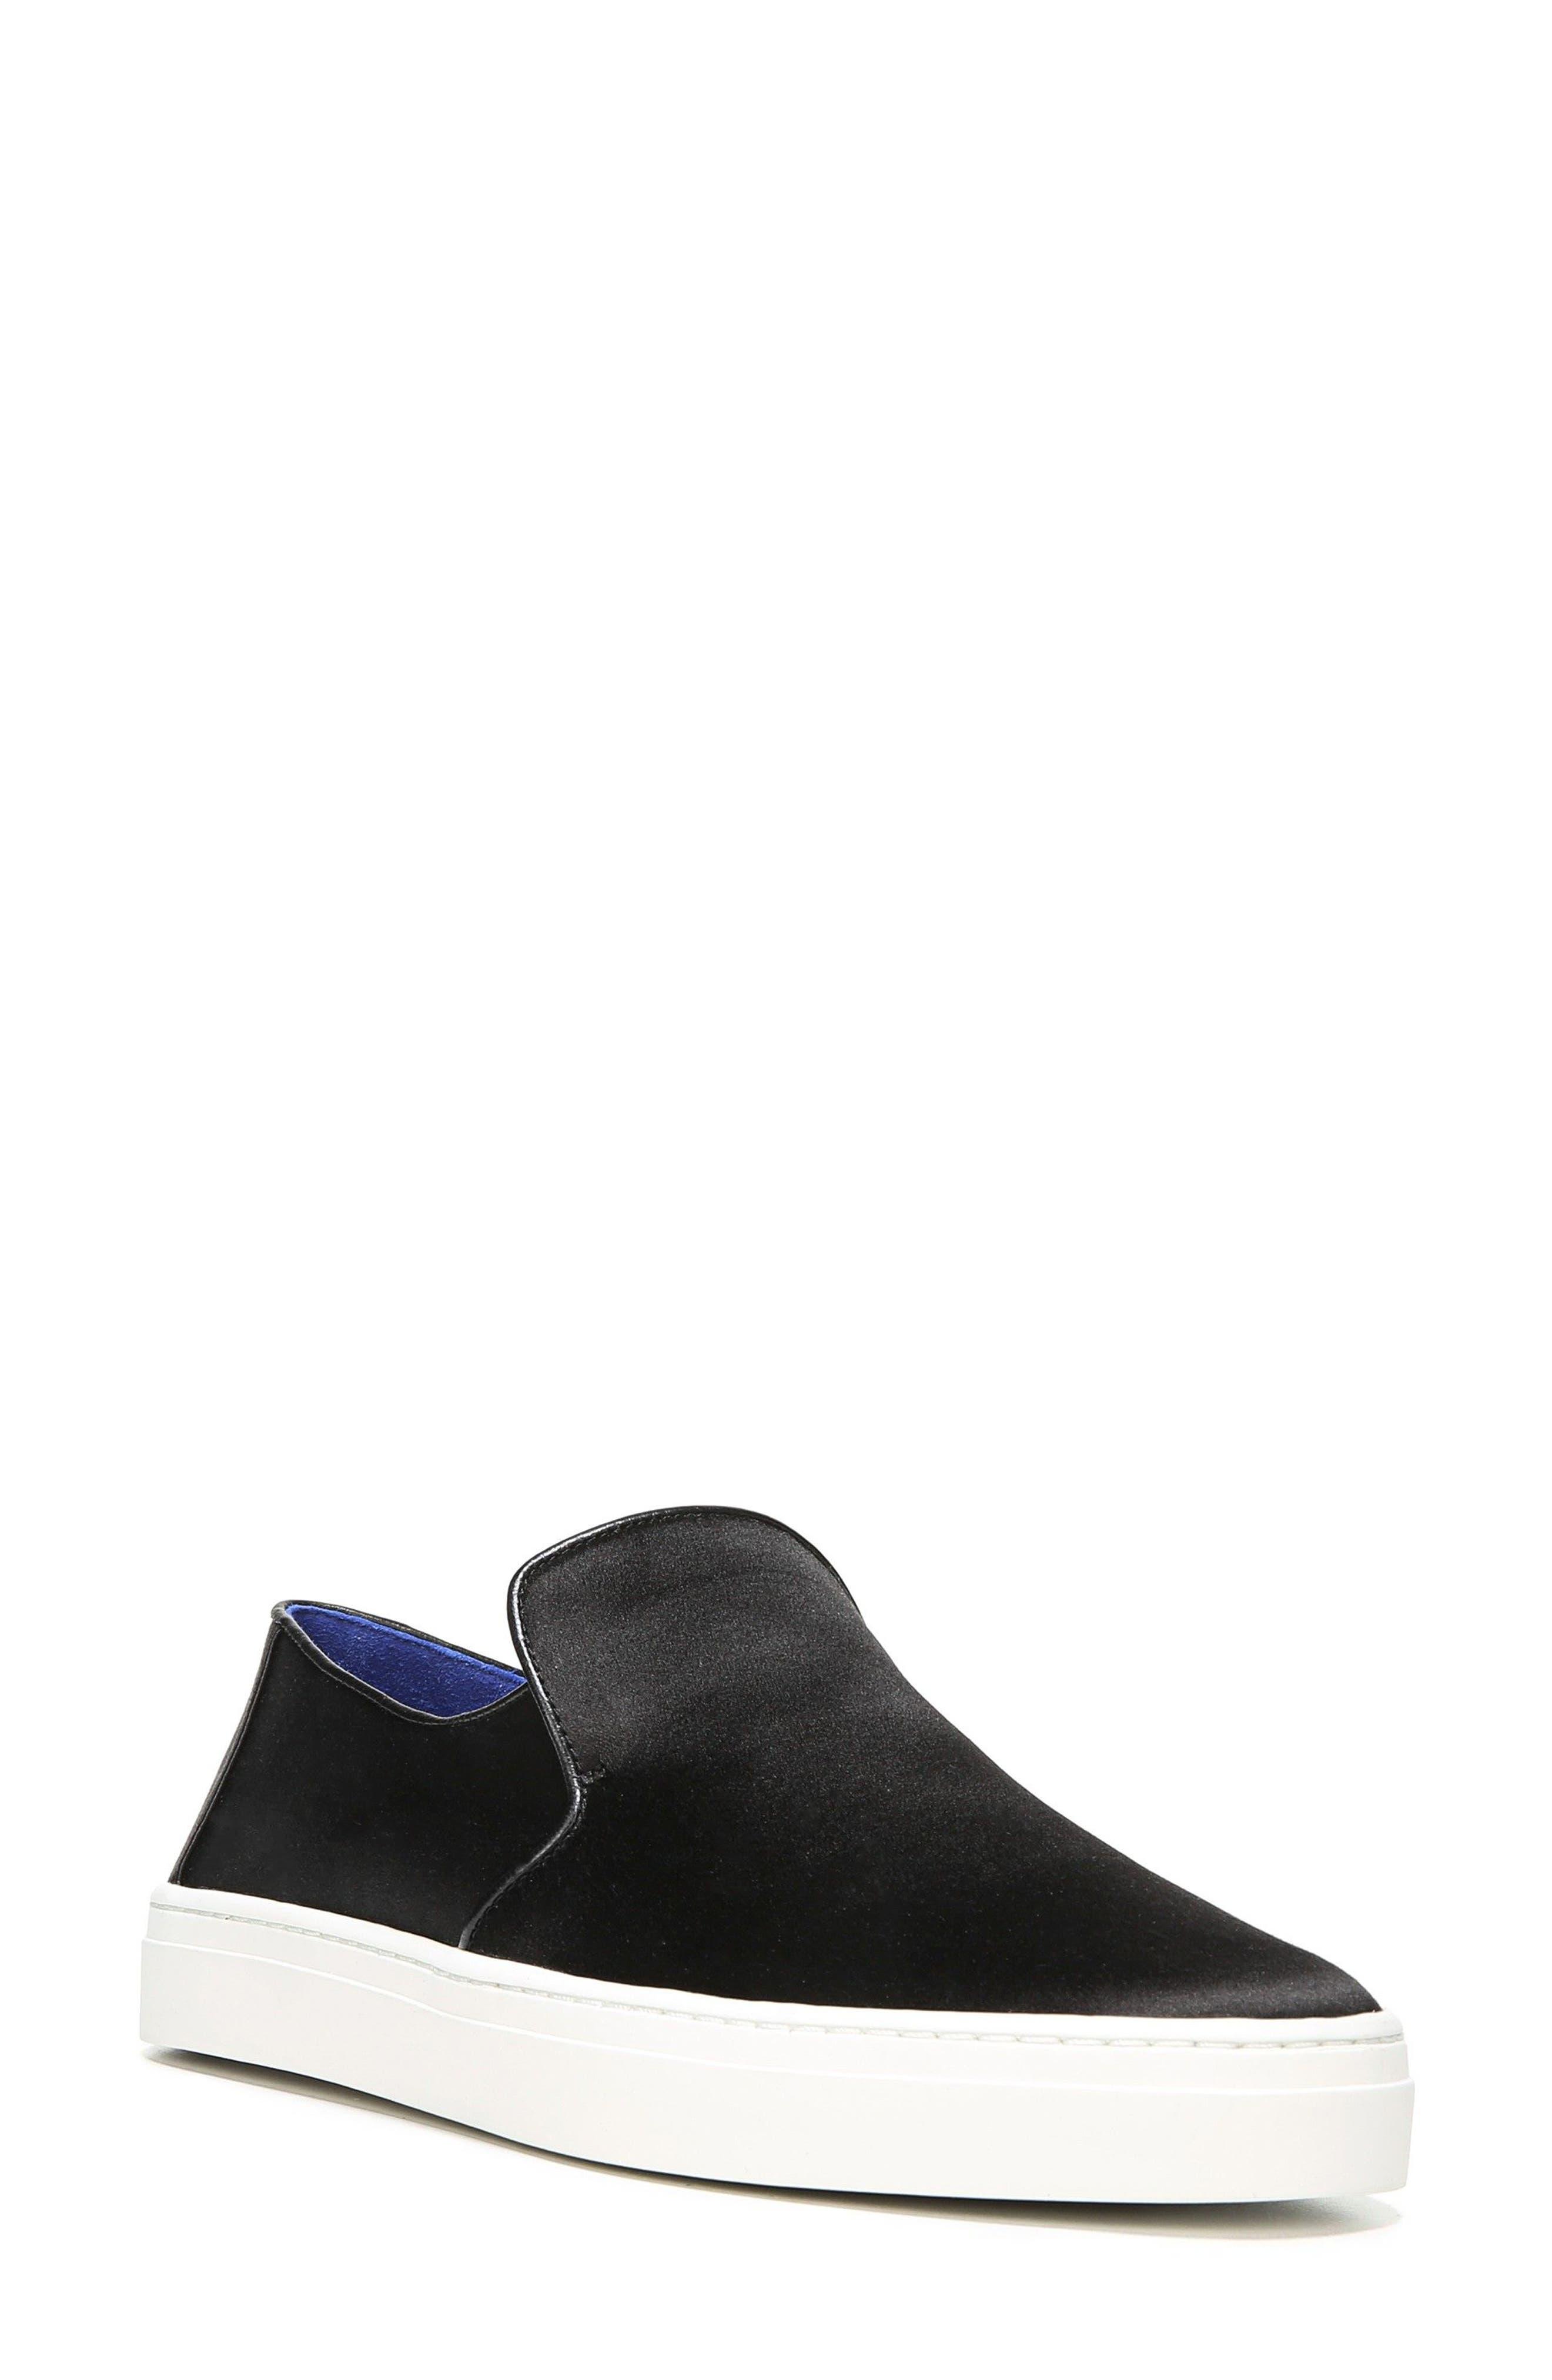 Budapest Slip-On Sneaker,                             Main thumbnail 1, color,                             Black